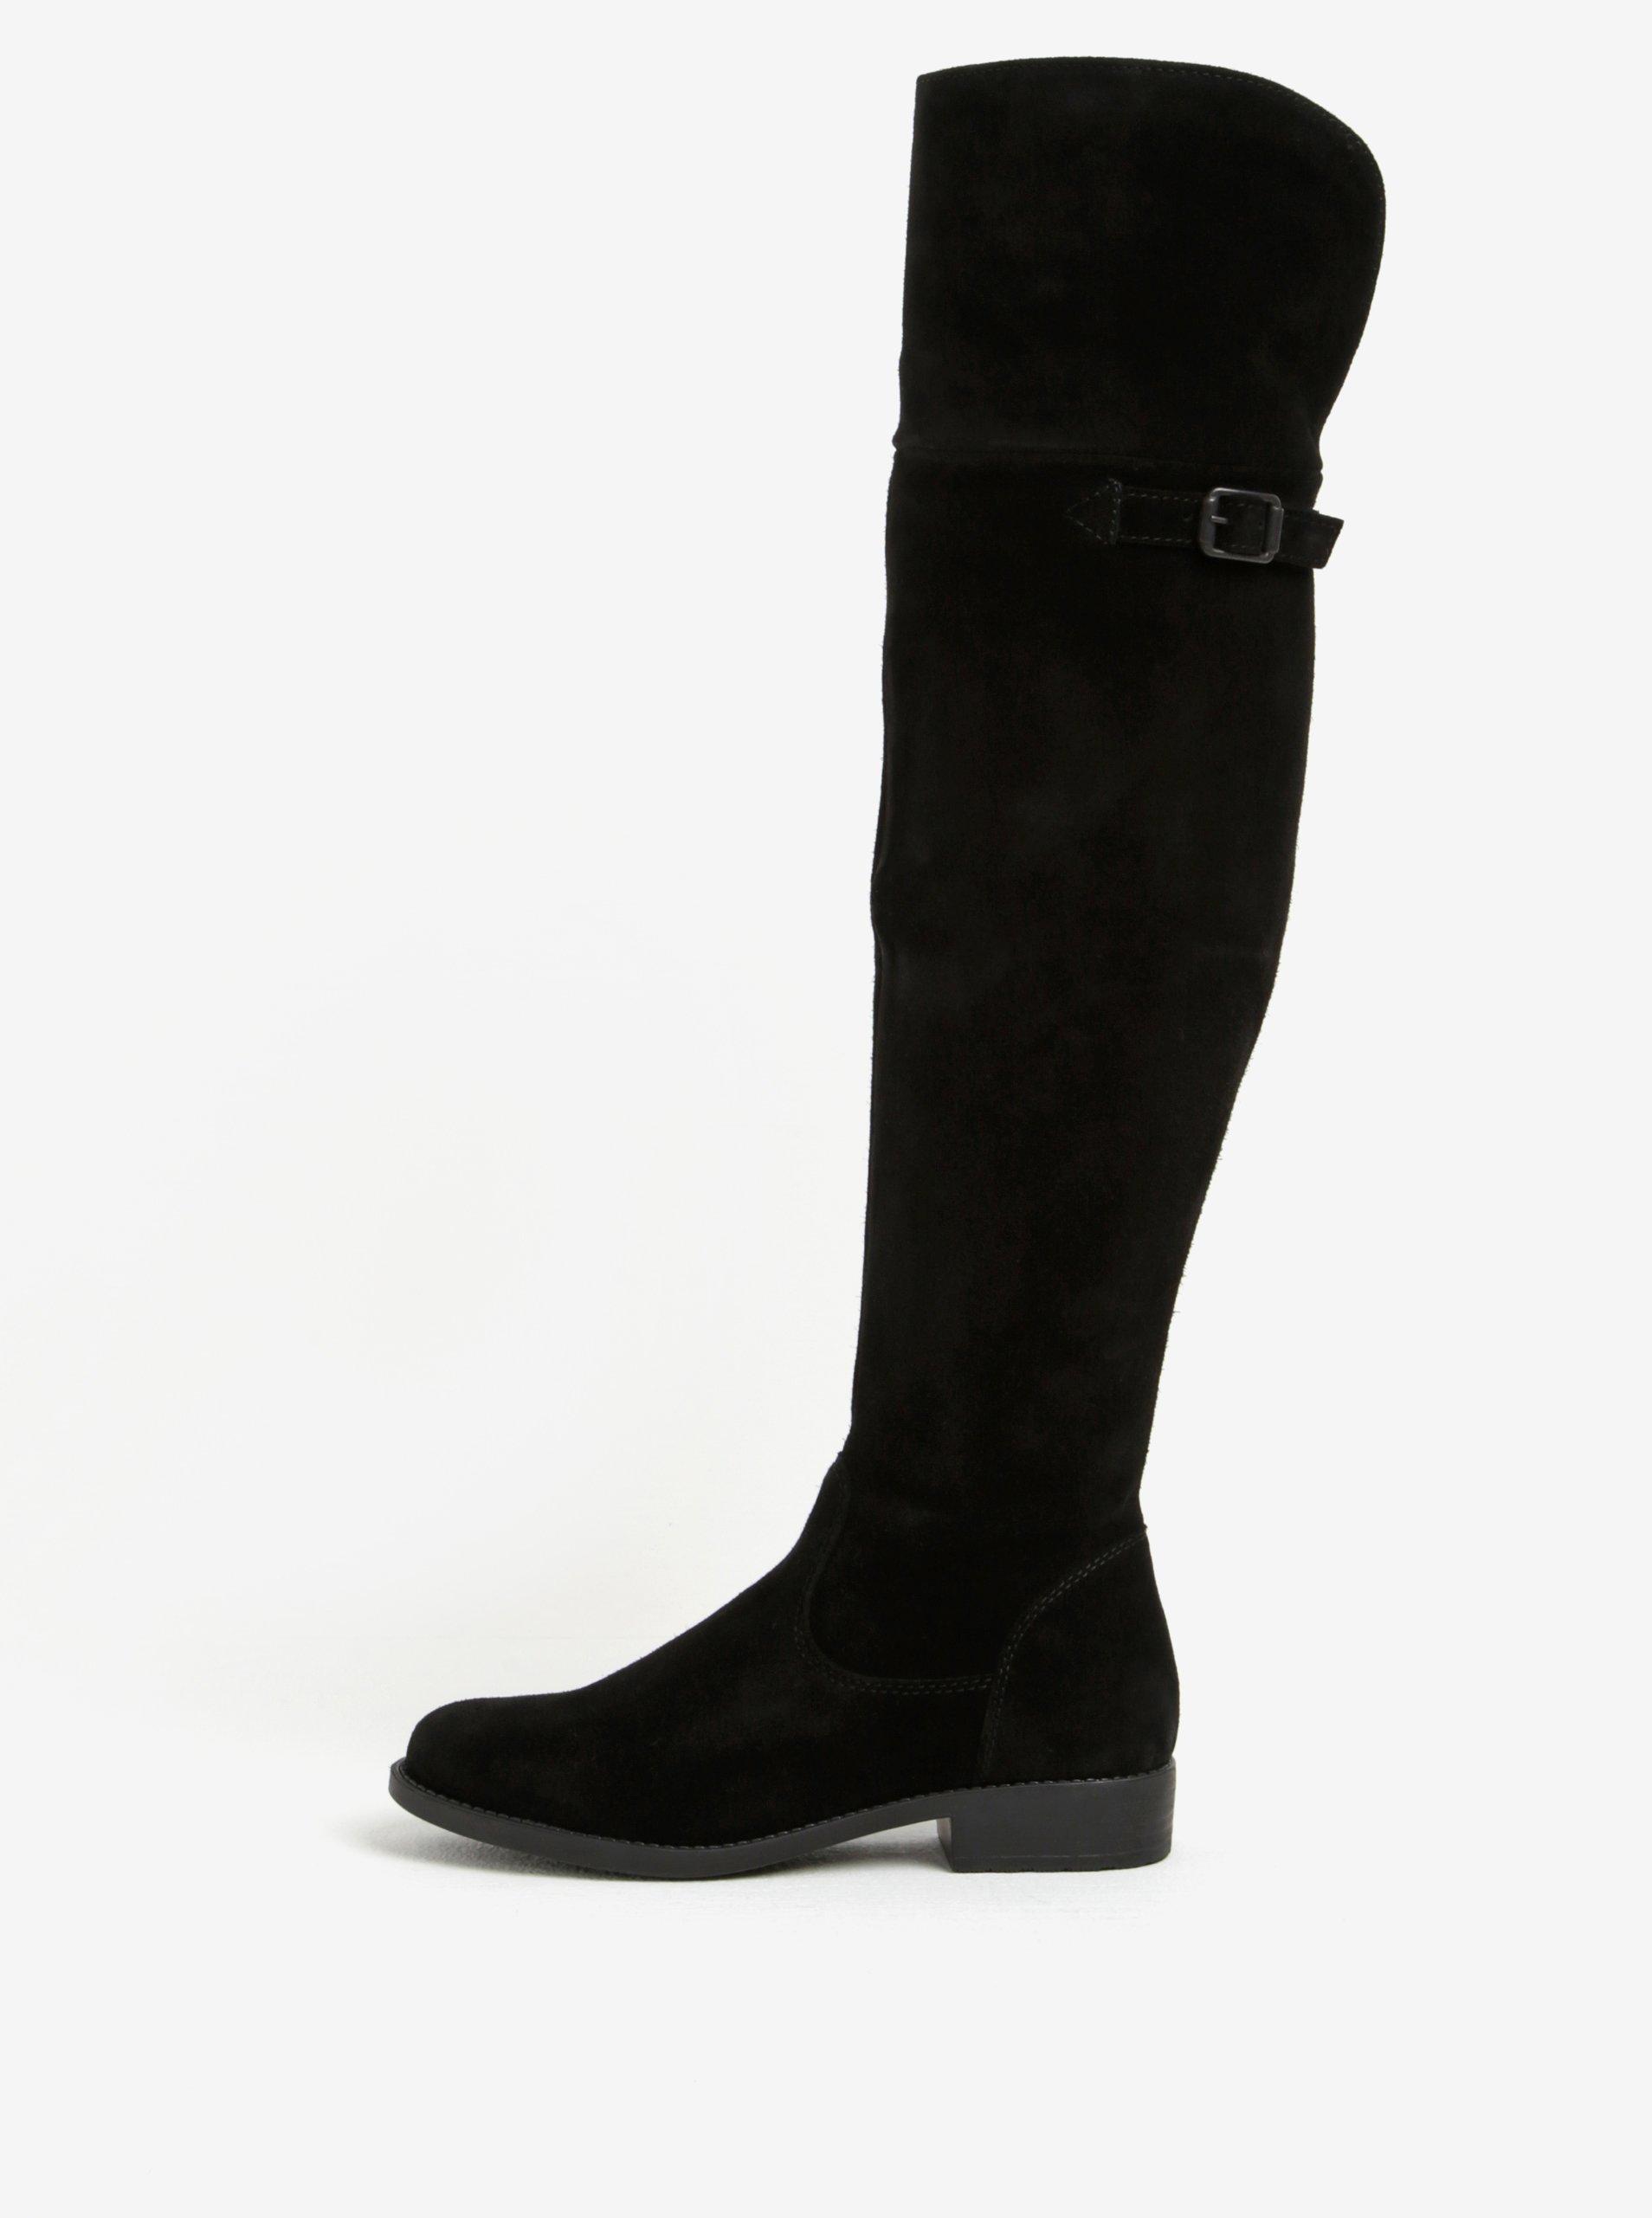 501d82a602e28 Čierne vysoké semišové čižmy Tamaris | Moda.sk